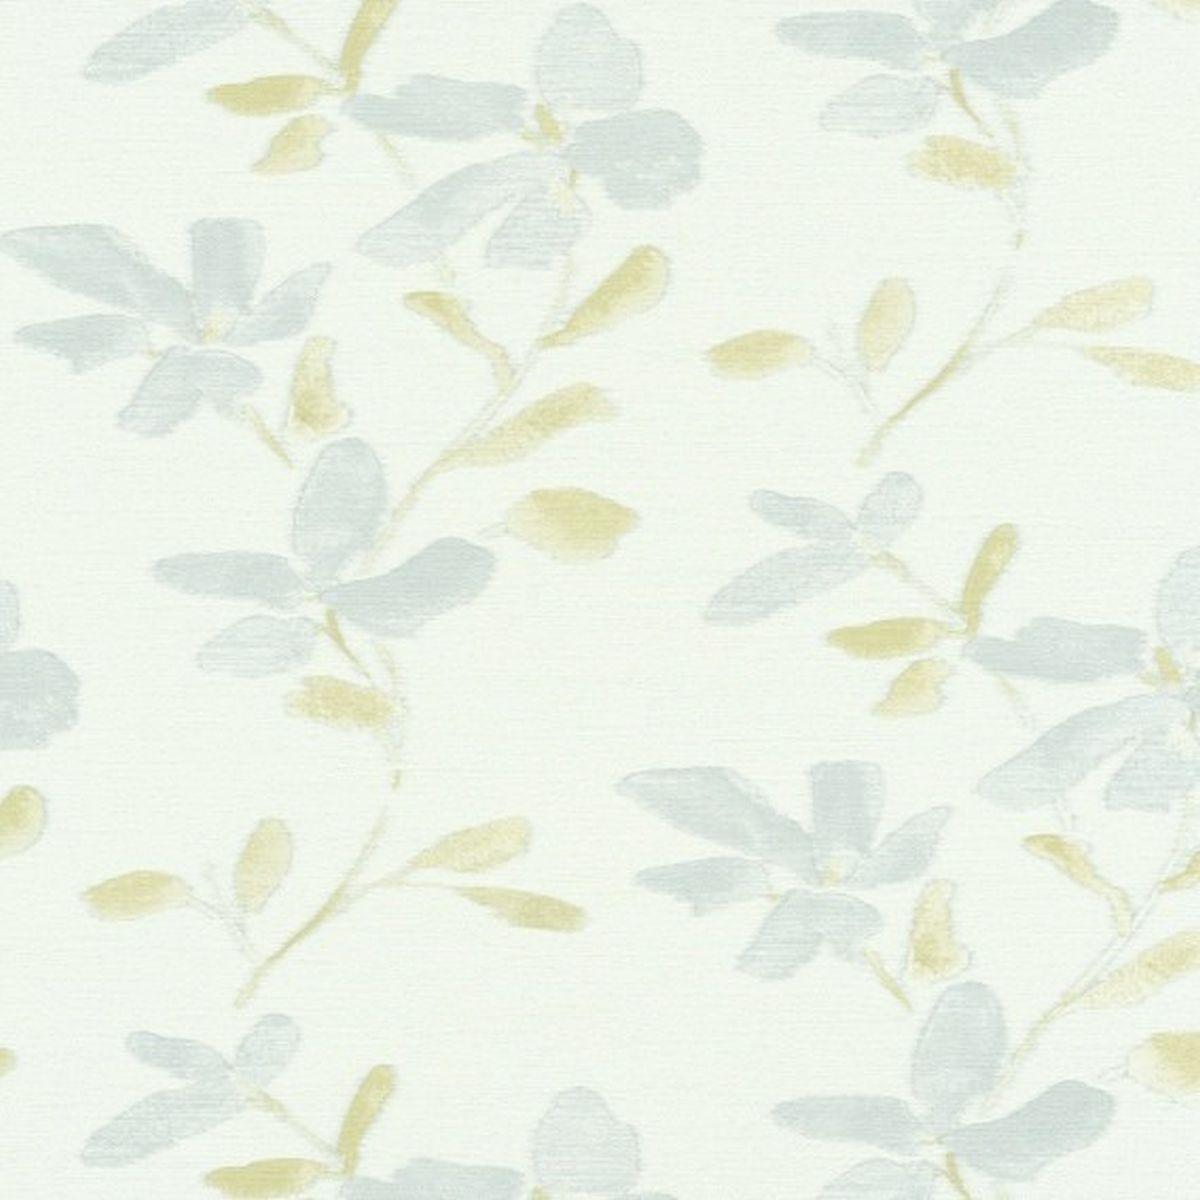 Erismann Vliestapete Kollektion Acquabella 634707 Blumen